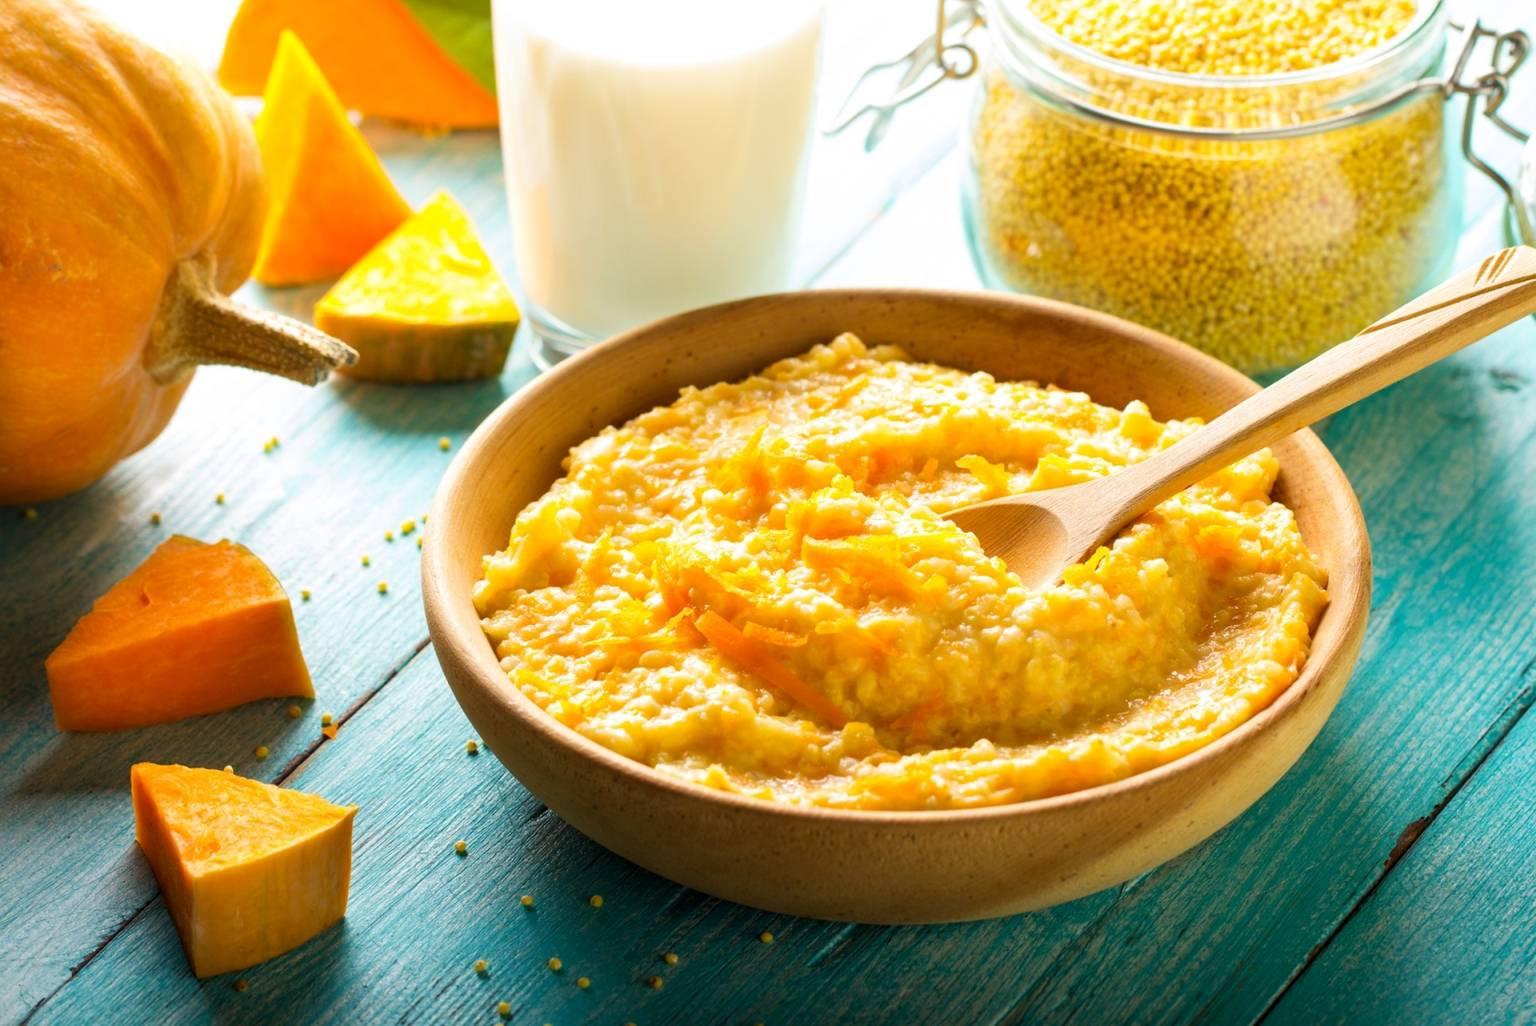 Co podawać dziecku do jedzenia podczas przeziębienia? Kasza jaglana jest lekkostrawna.